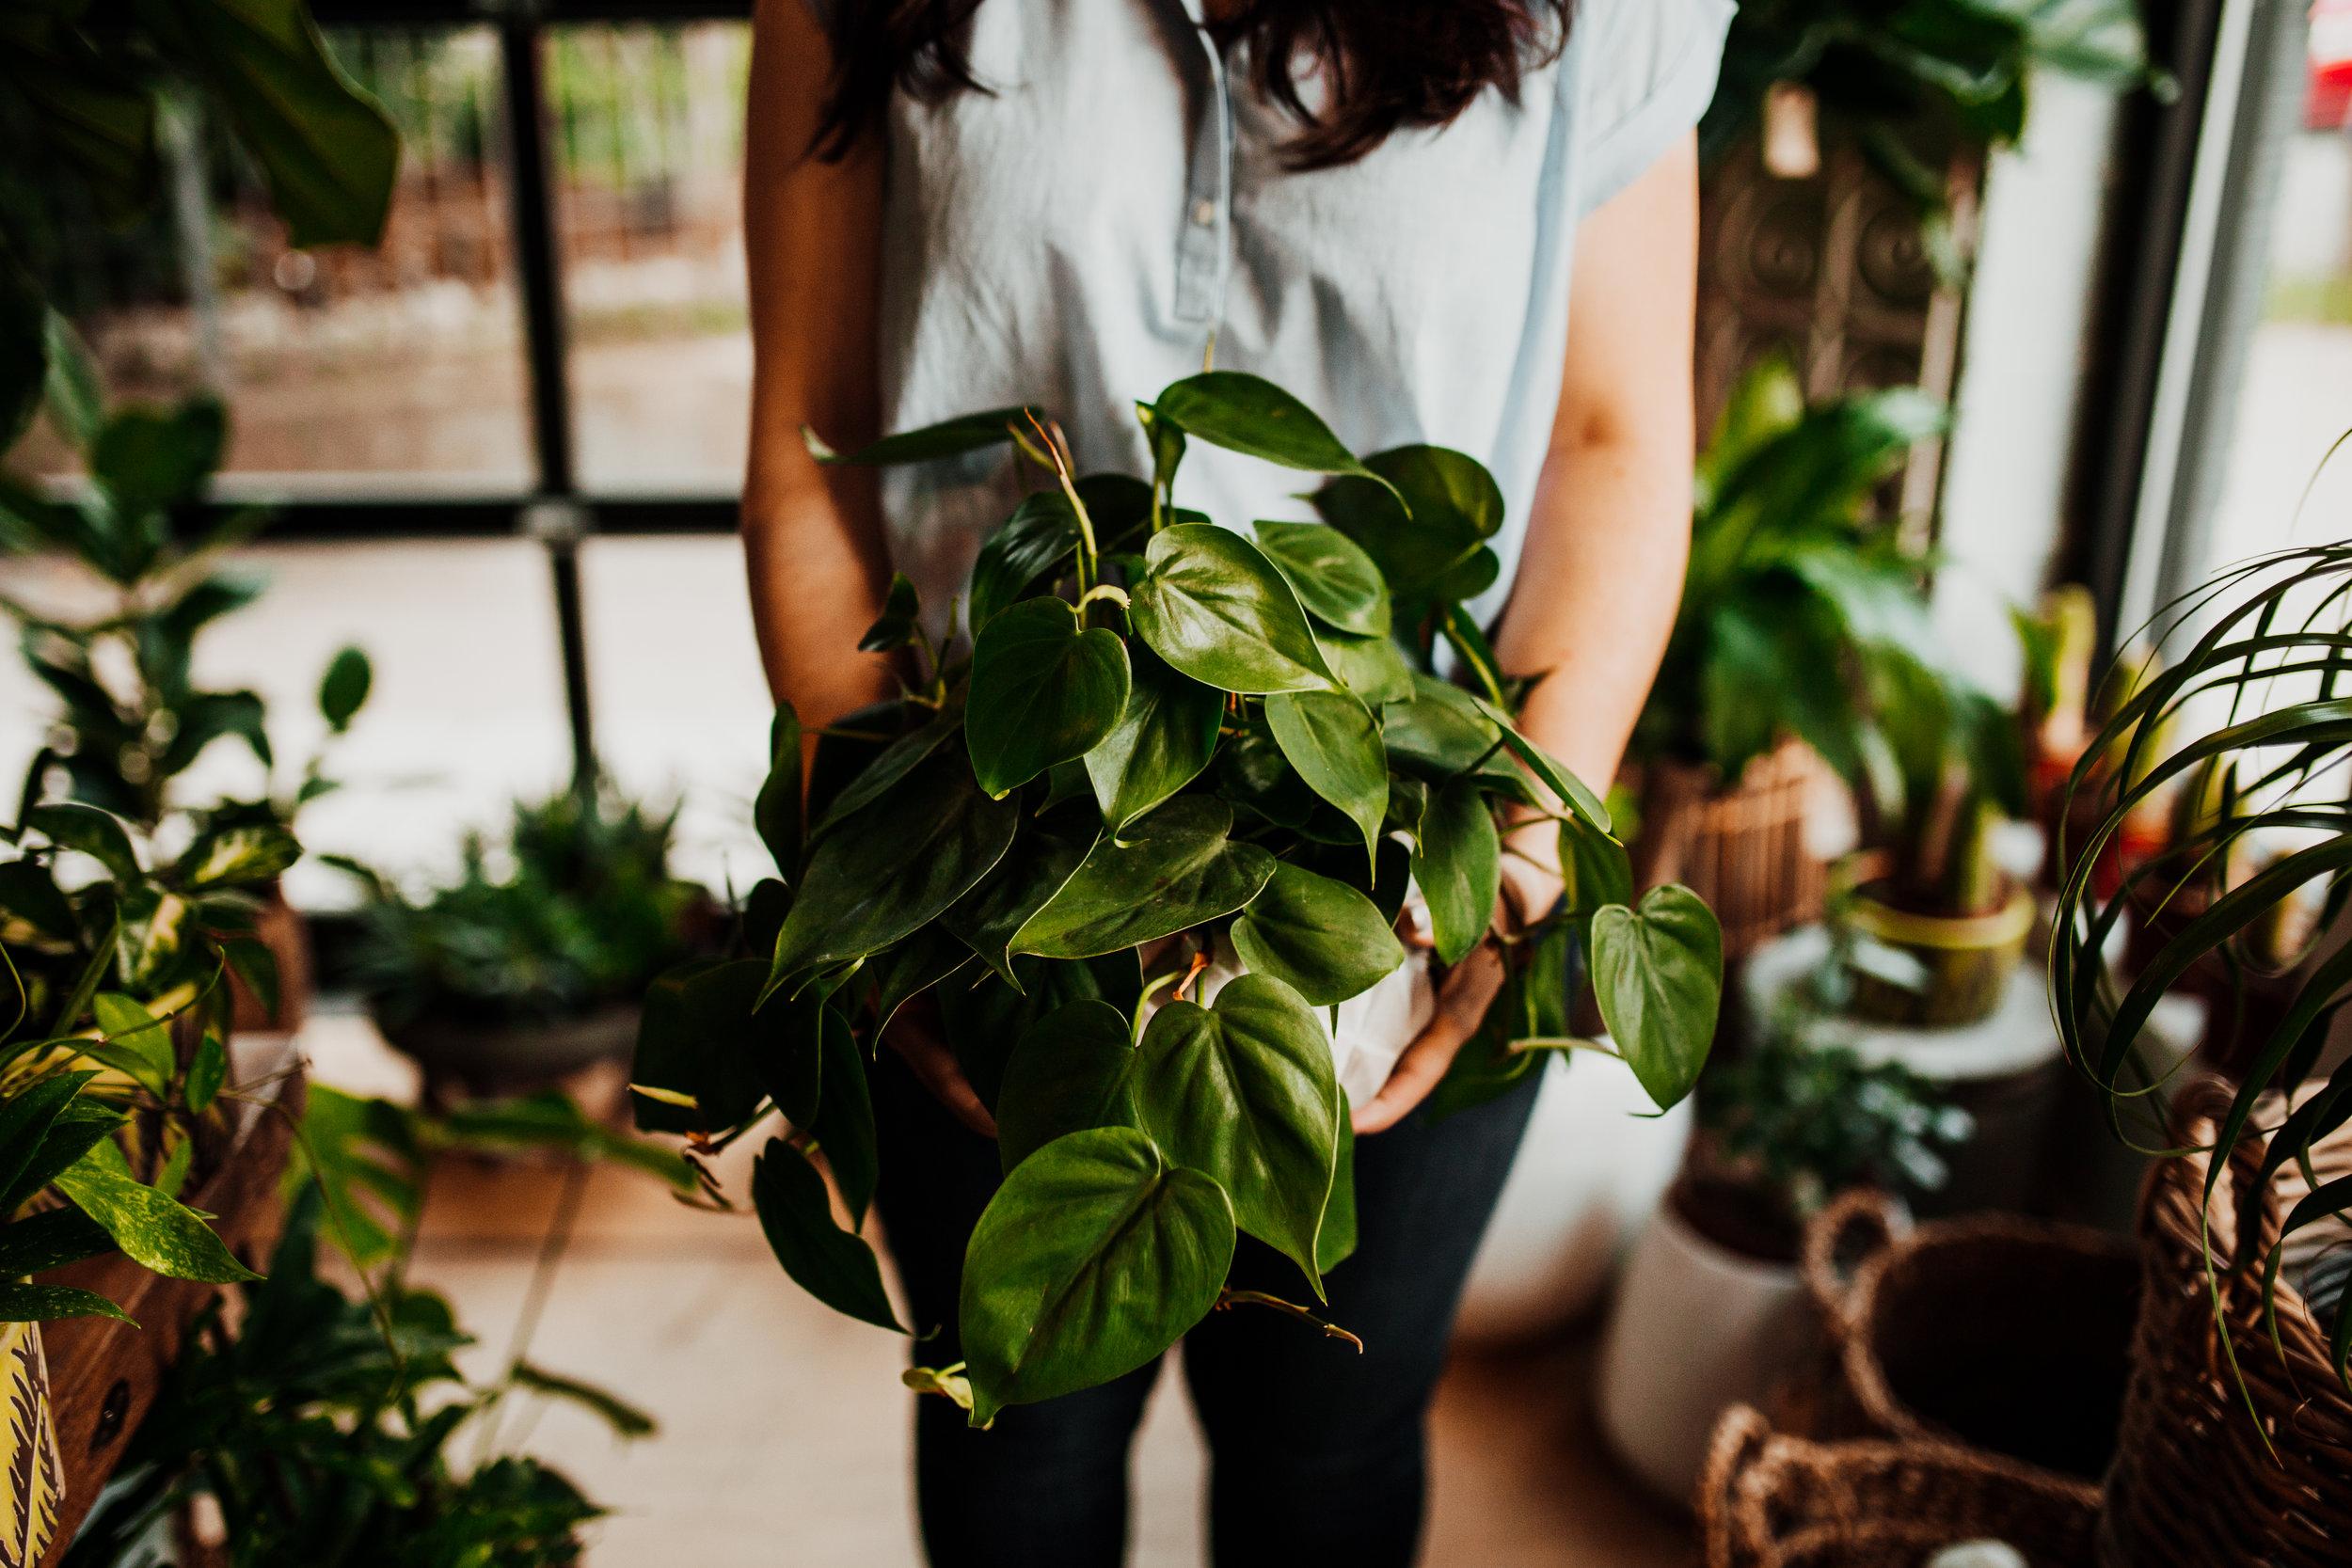 mahonialouisvillekentuckyplantshopfloraldesigncrystalludwickphoto(55of63).jpg